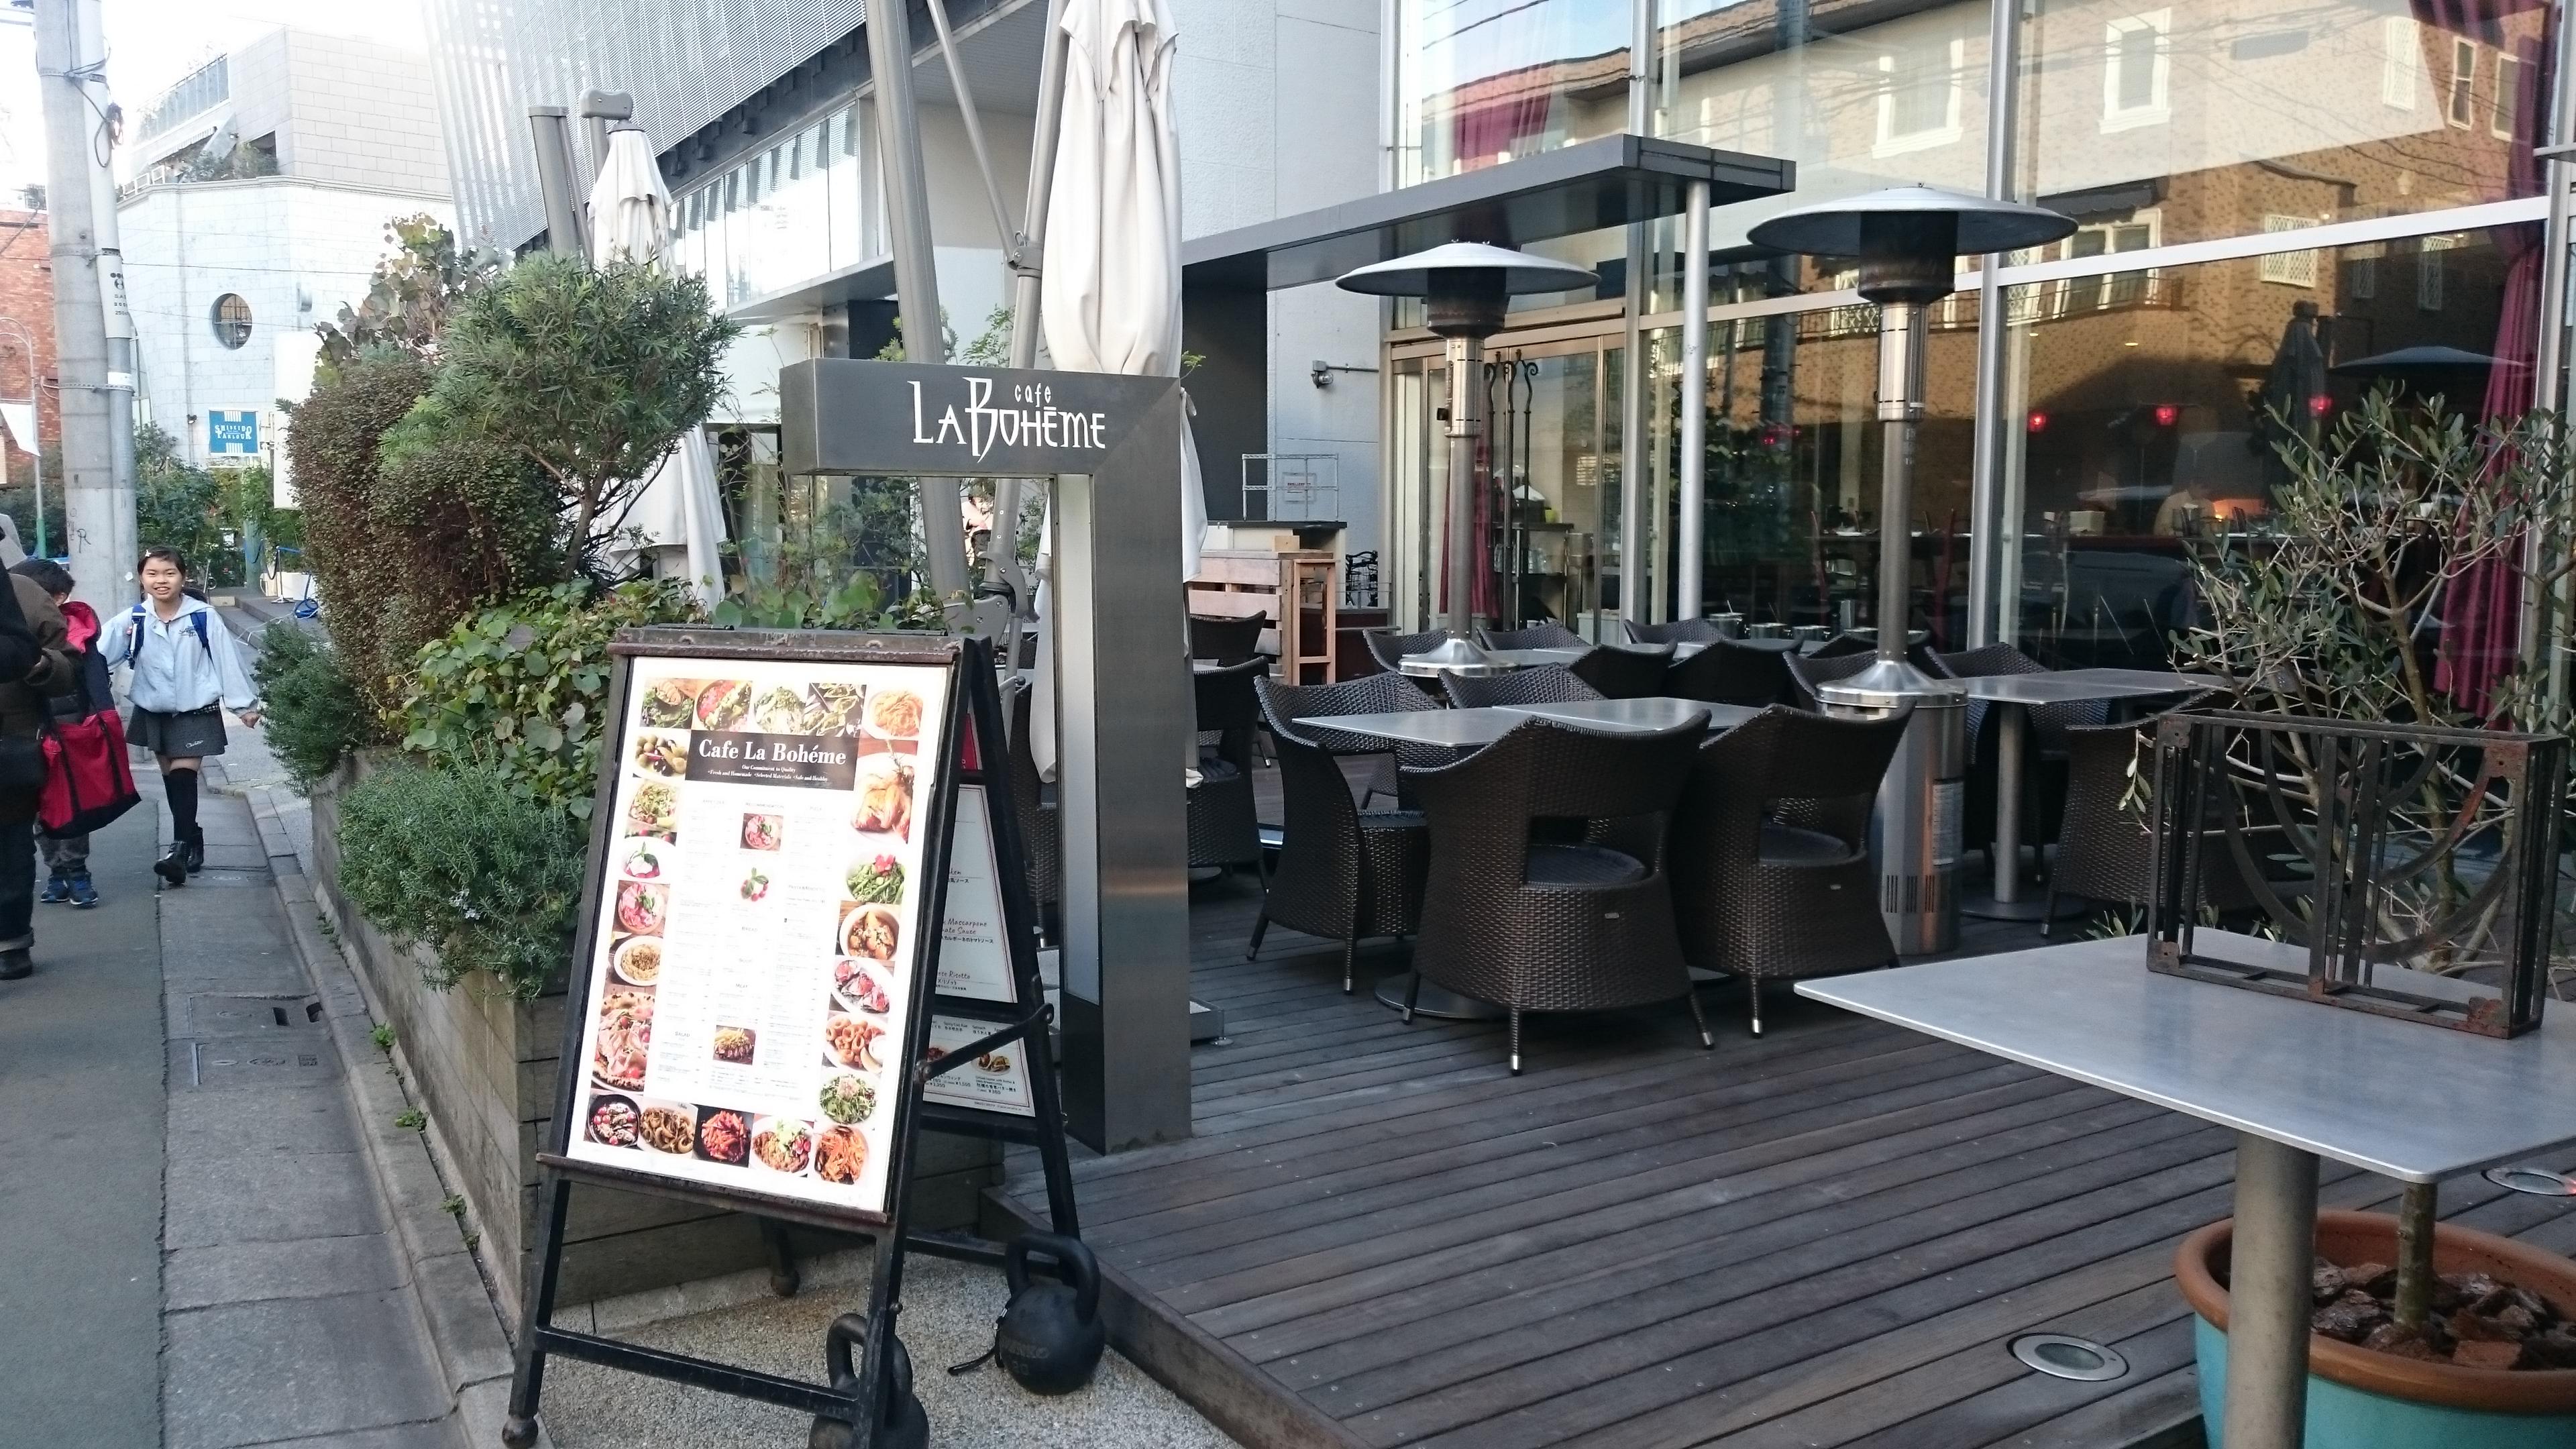 自由が丘,Cafe La Boheme,カフェラボエム,イタリアン,ランチ,ディナー